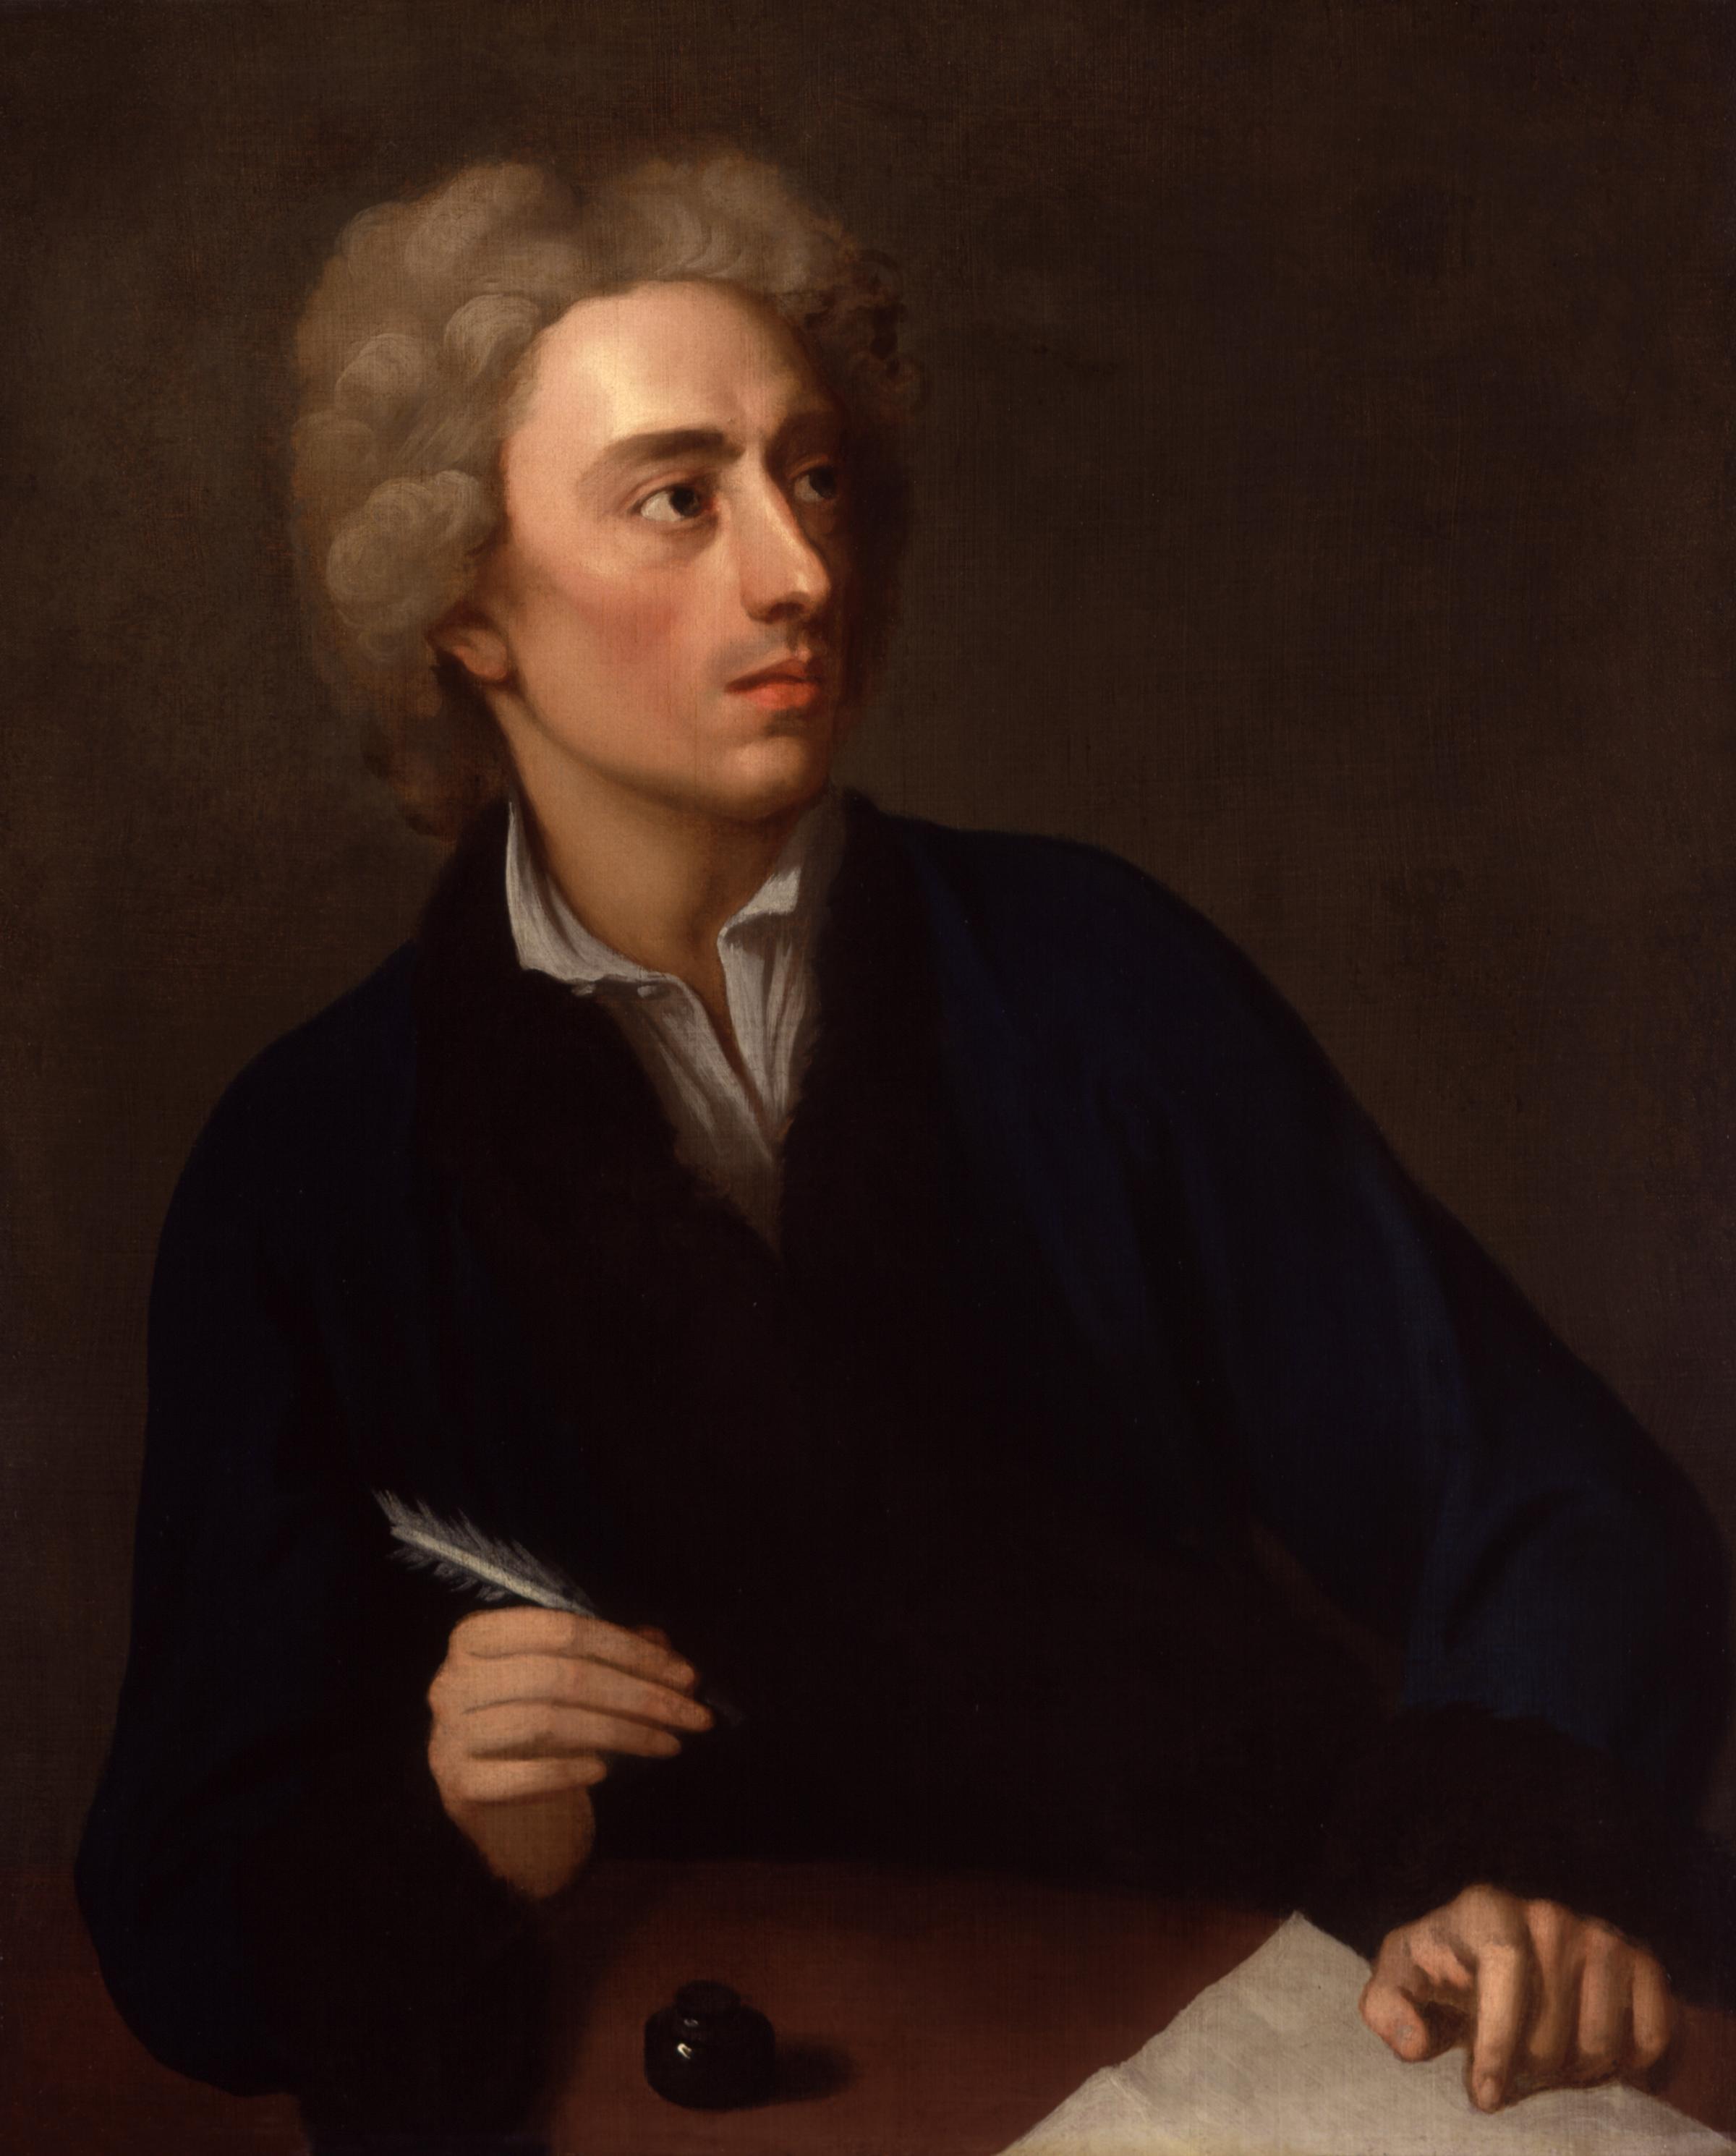 Alexander Pope ,The Dunciad (1728-42), Moral Essays (1731-35) and Essay on Man (1733) gibi romanların yazarı. tarihte bugün